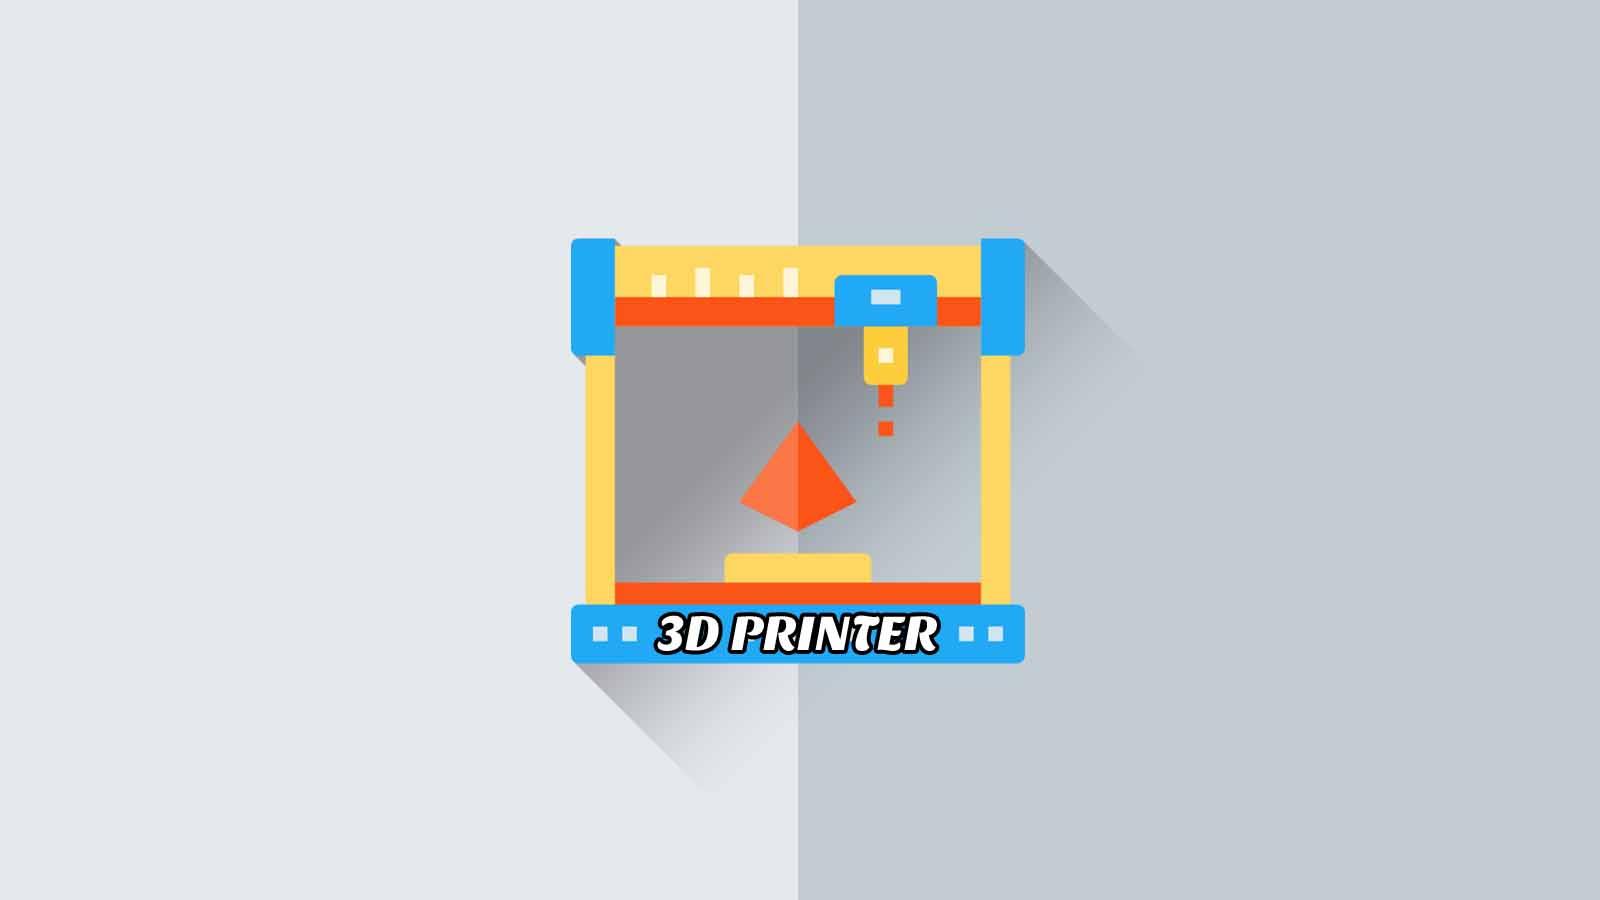 Daftar isi - 3D Printer